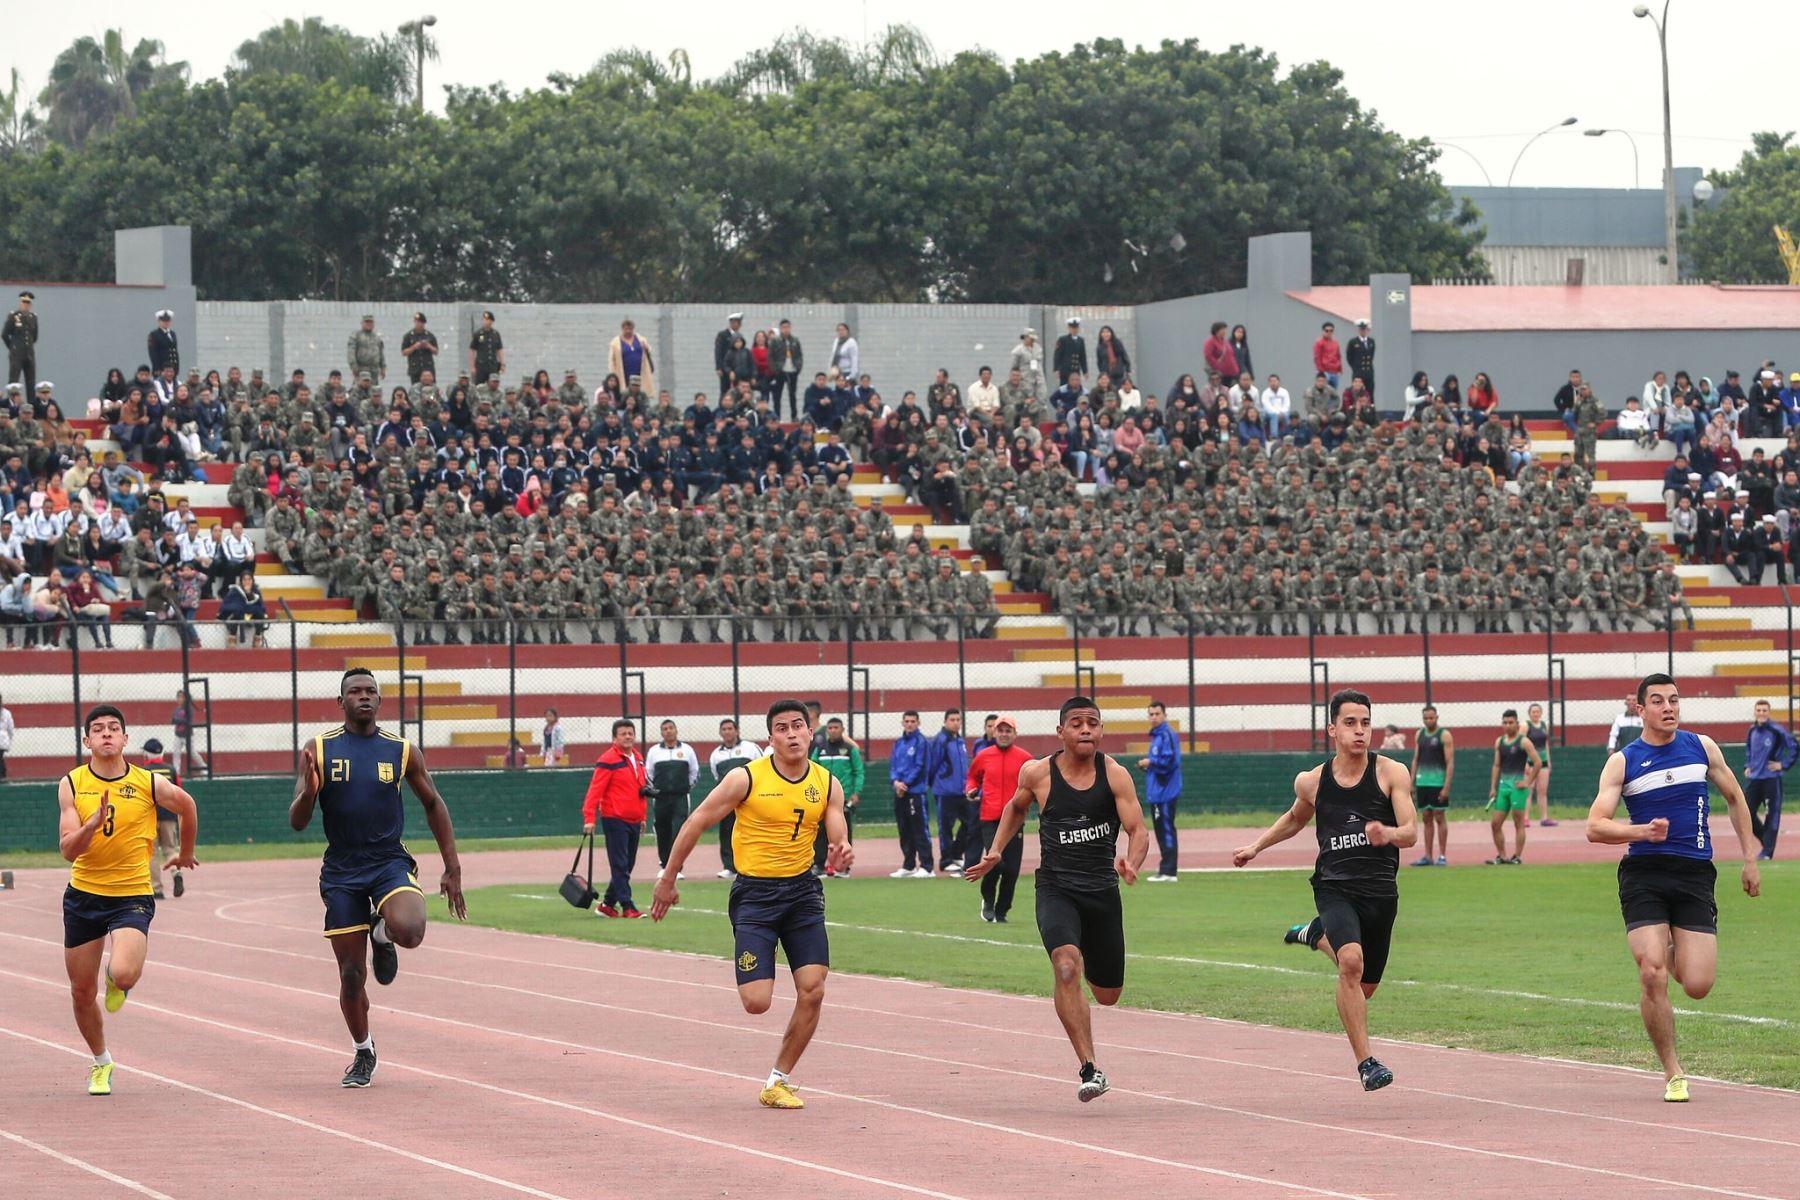 Más de 2,500 miembros de FF.AA. y PNP participan en Juegos Deportivos Militares 2019. Foto: ANDINA/Difusión.